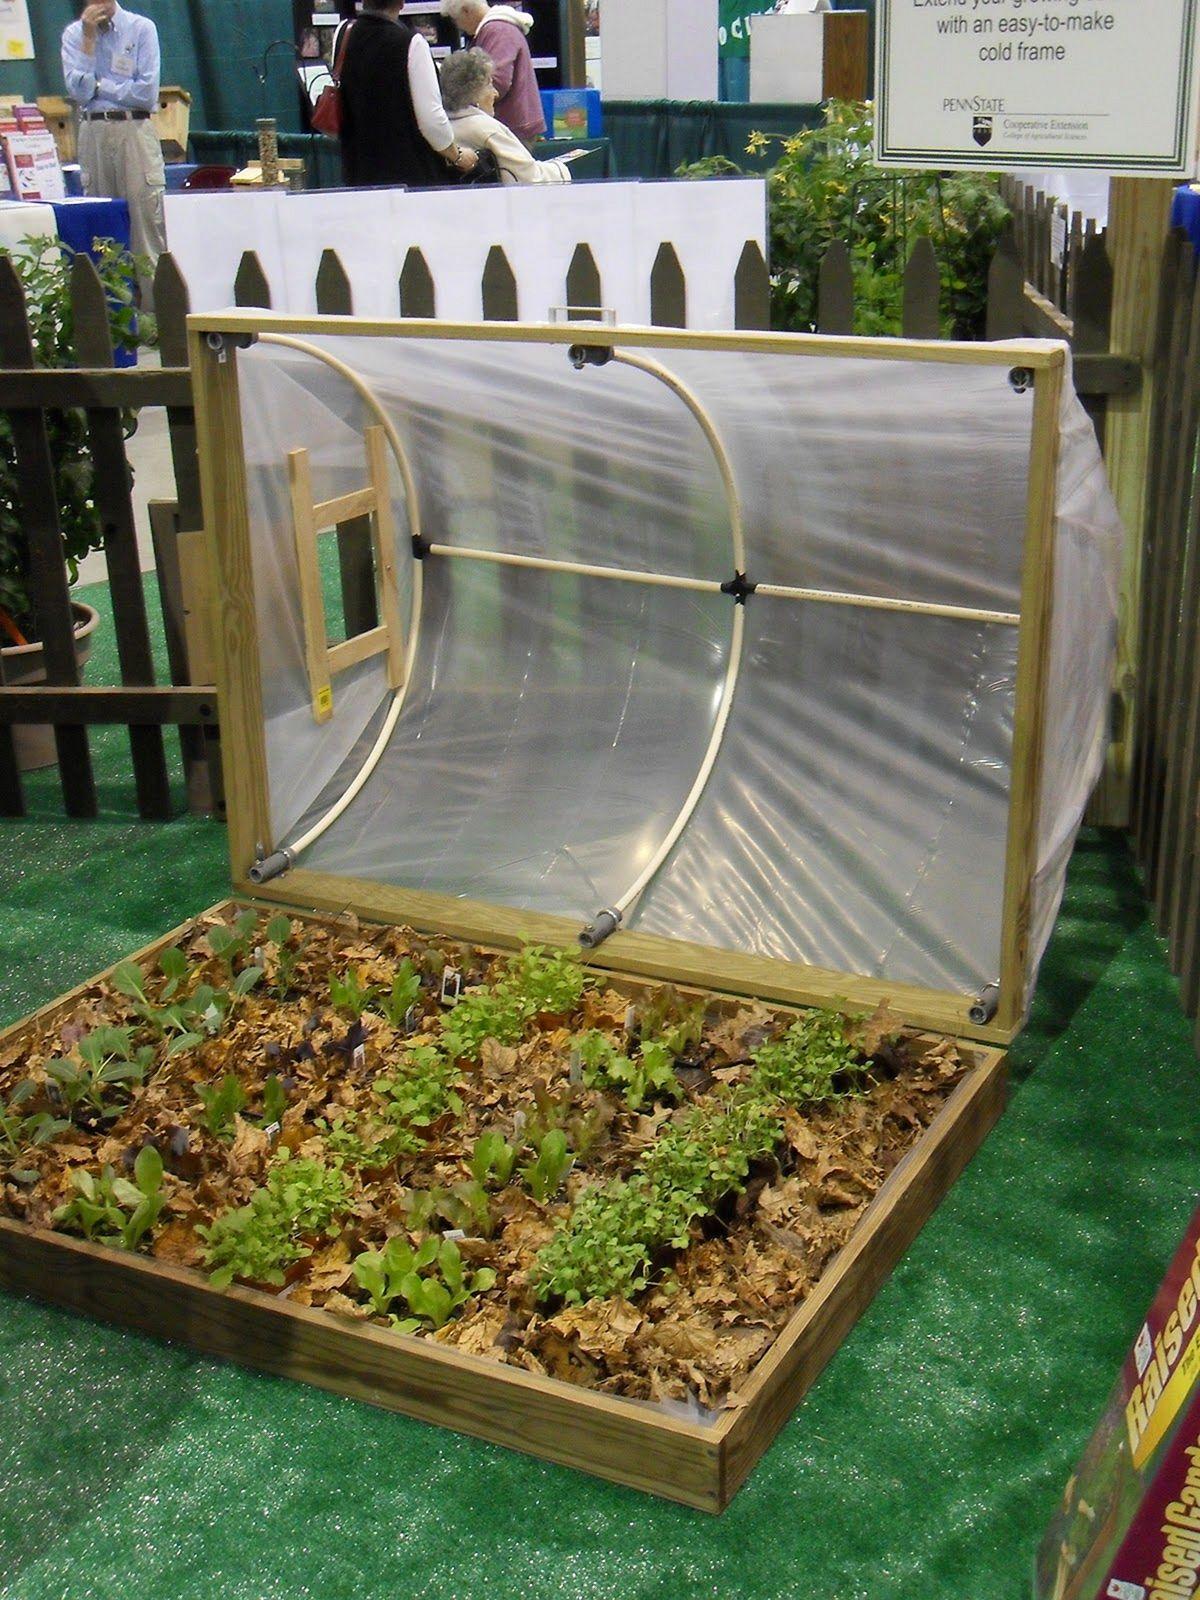 DIY Cold Frame Garden Box 6 – DECOREDO